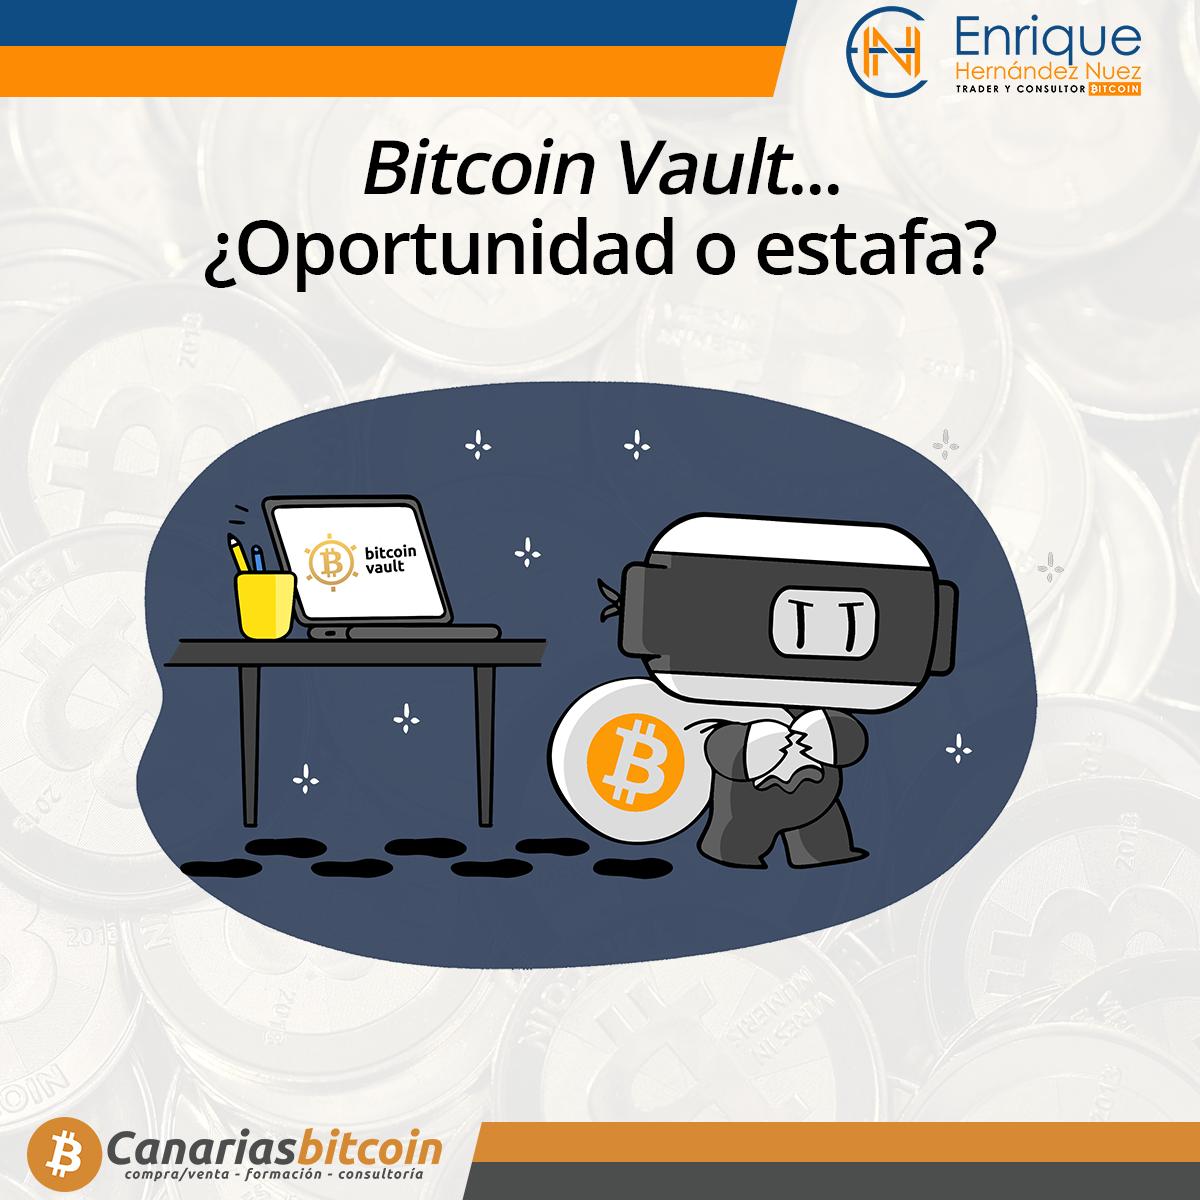 Bitcoin Vault es una estafa scam o una oportunidad